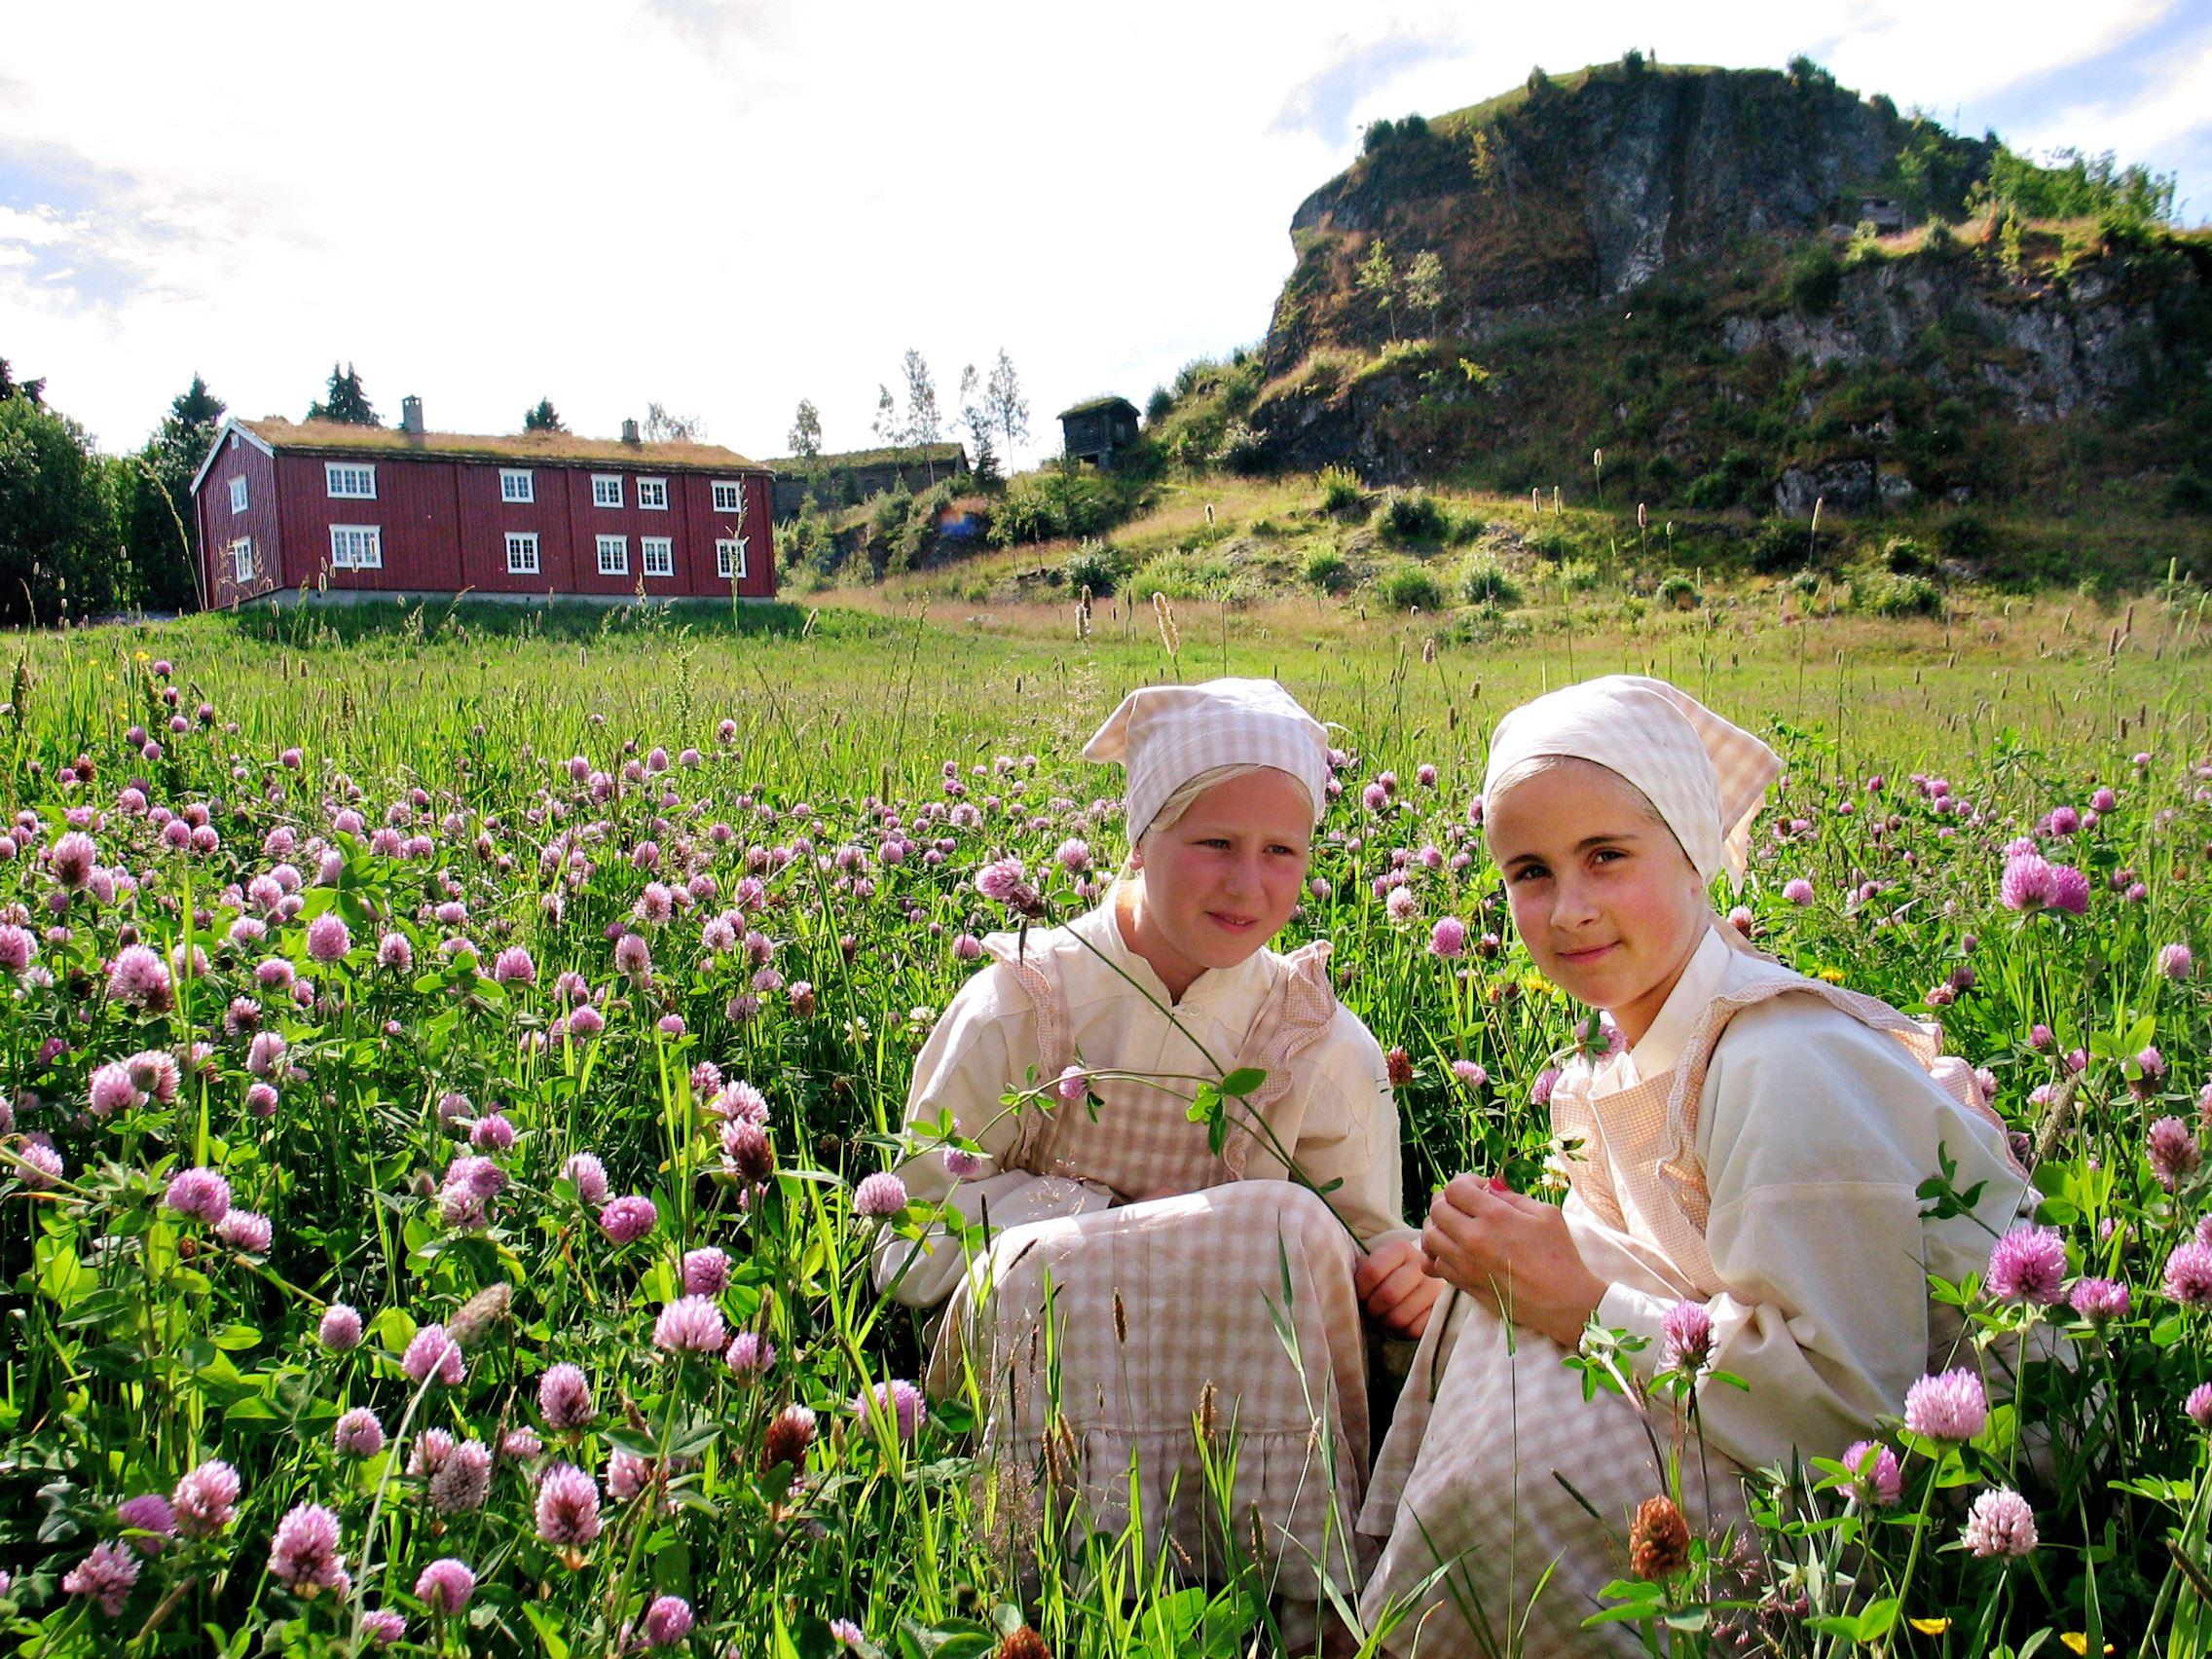 Sverresborg Folkemuseum, Jenter i gresset med blomster i hendene ute på Sverresborg Trøndelag Folkemuseum